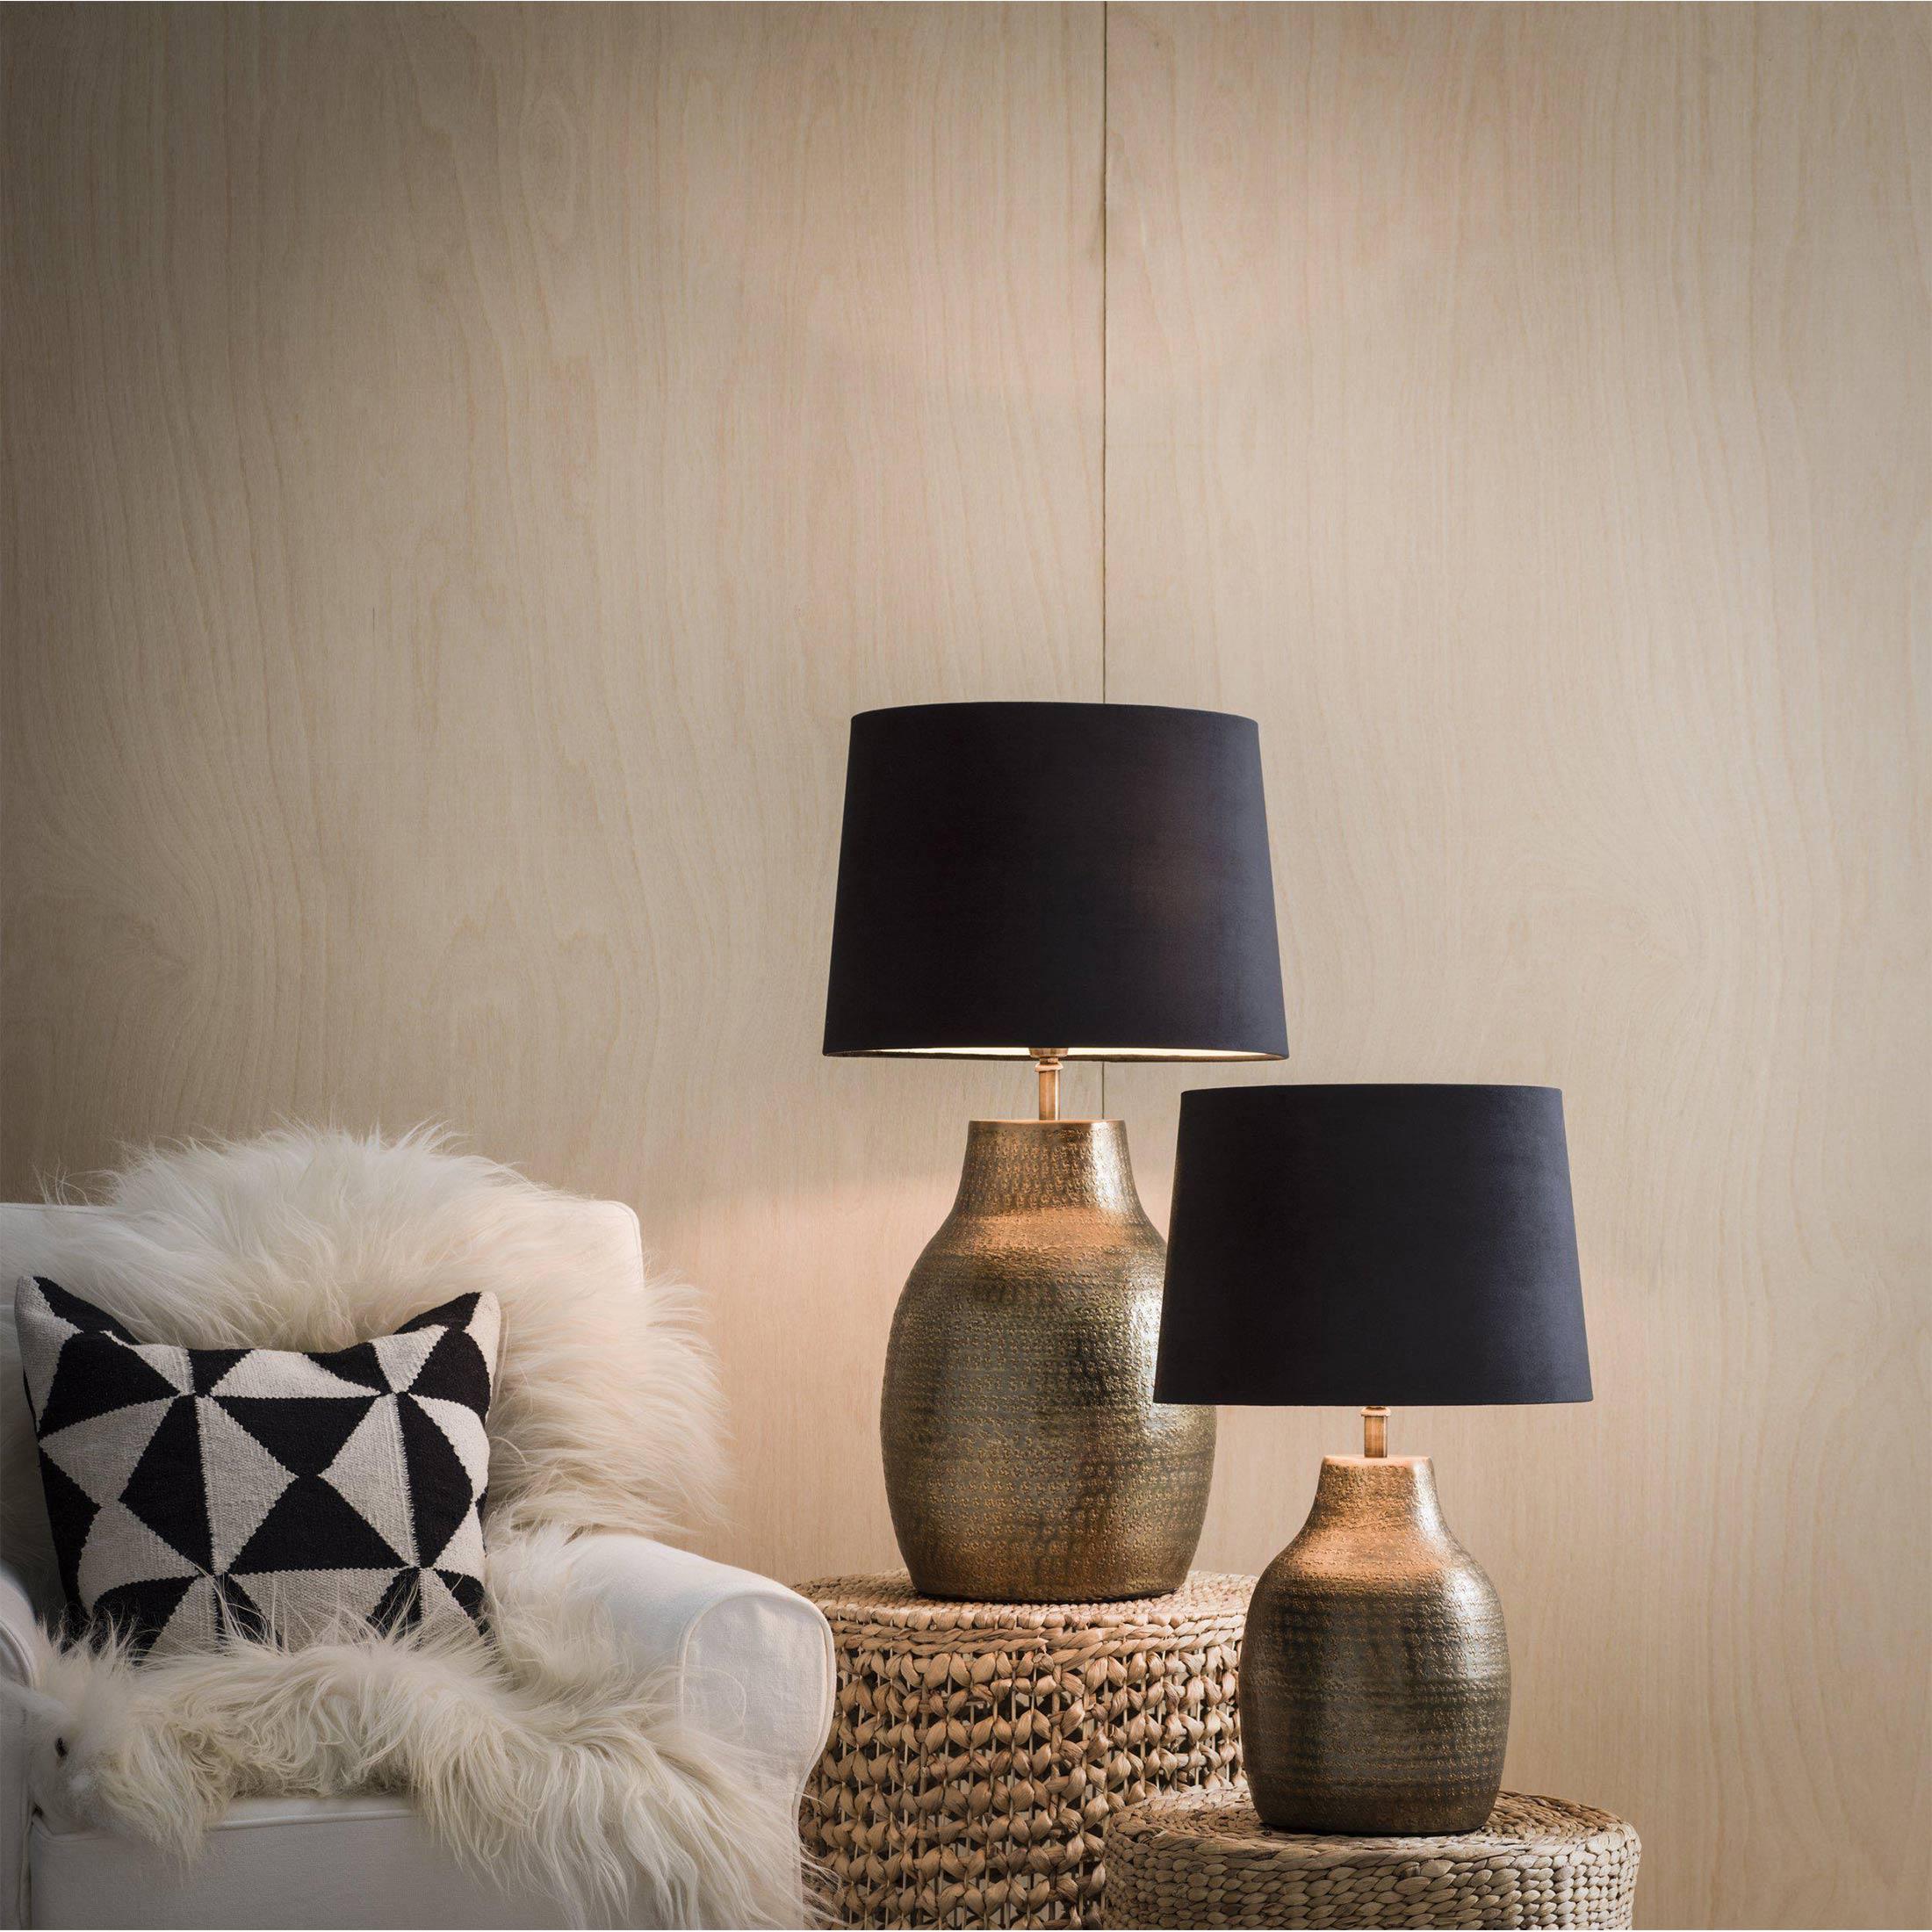 Marokkanische Lampe aus Metall von der Marke PR Home. Tischlampe aus gehämmerten Metall und Lapenschirm mit 40cm Höhe für das Schlafzimmer